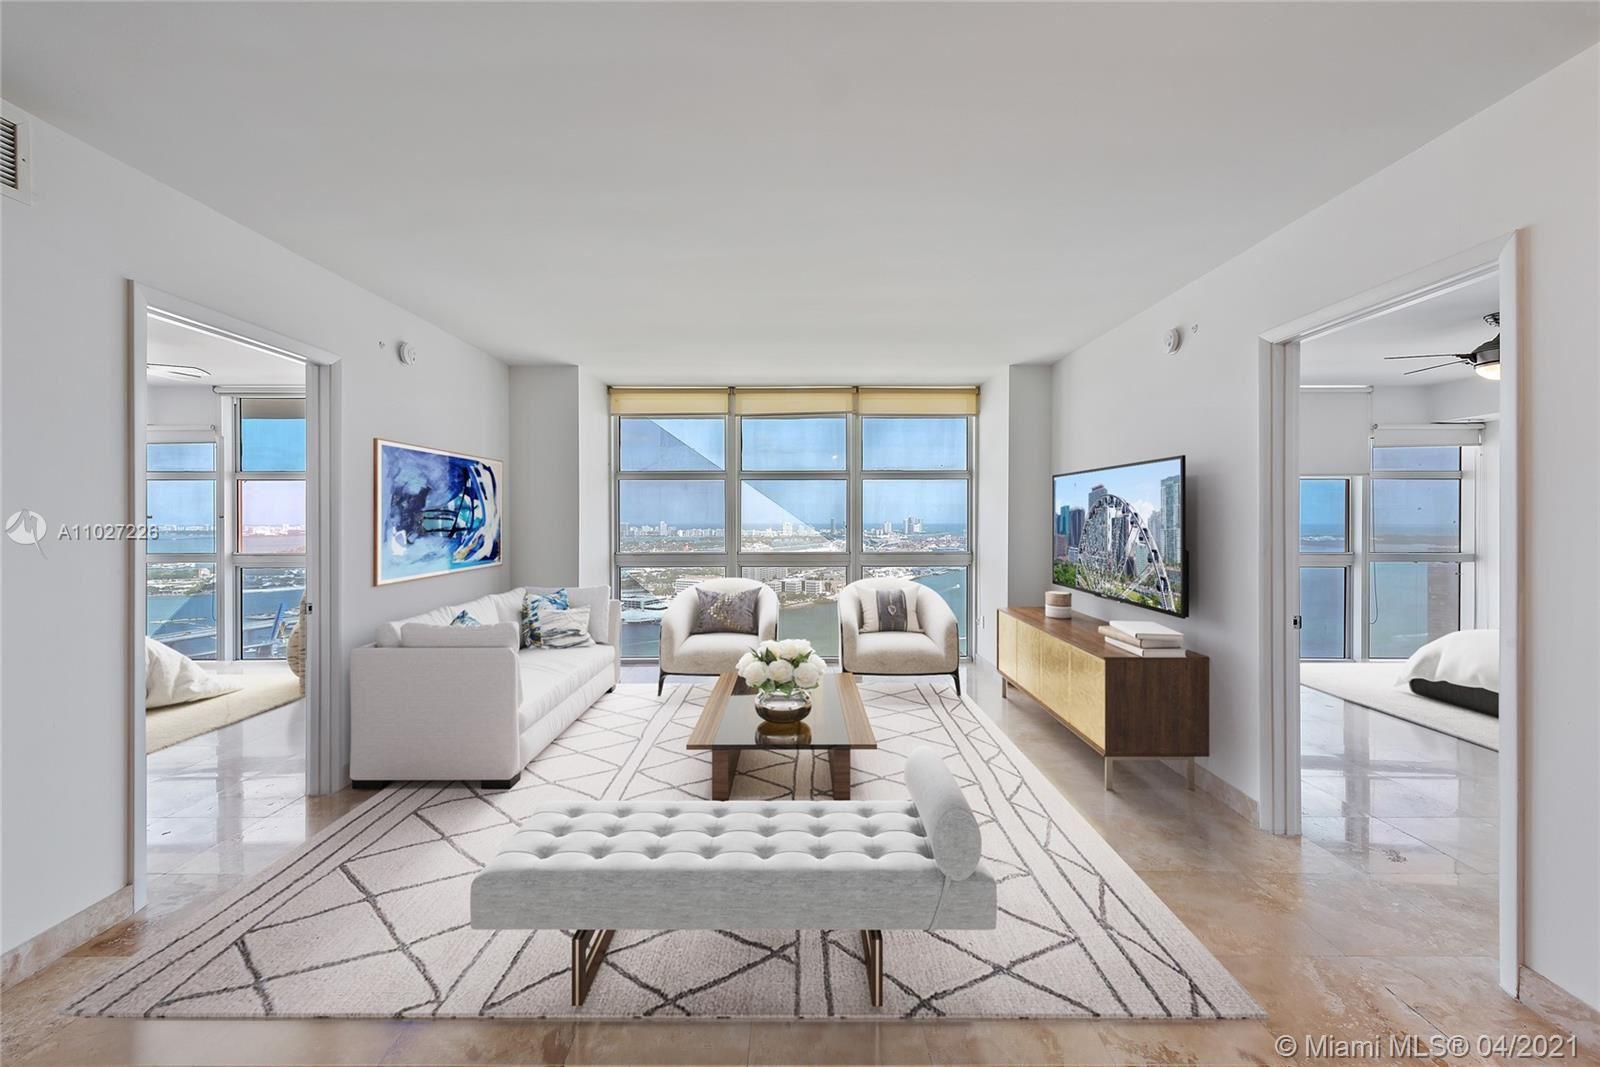 50 Biscayne Blvd #4106, Miami, FL 33132 - #: A11027226